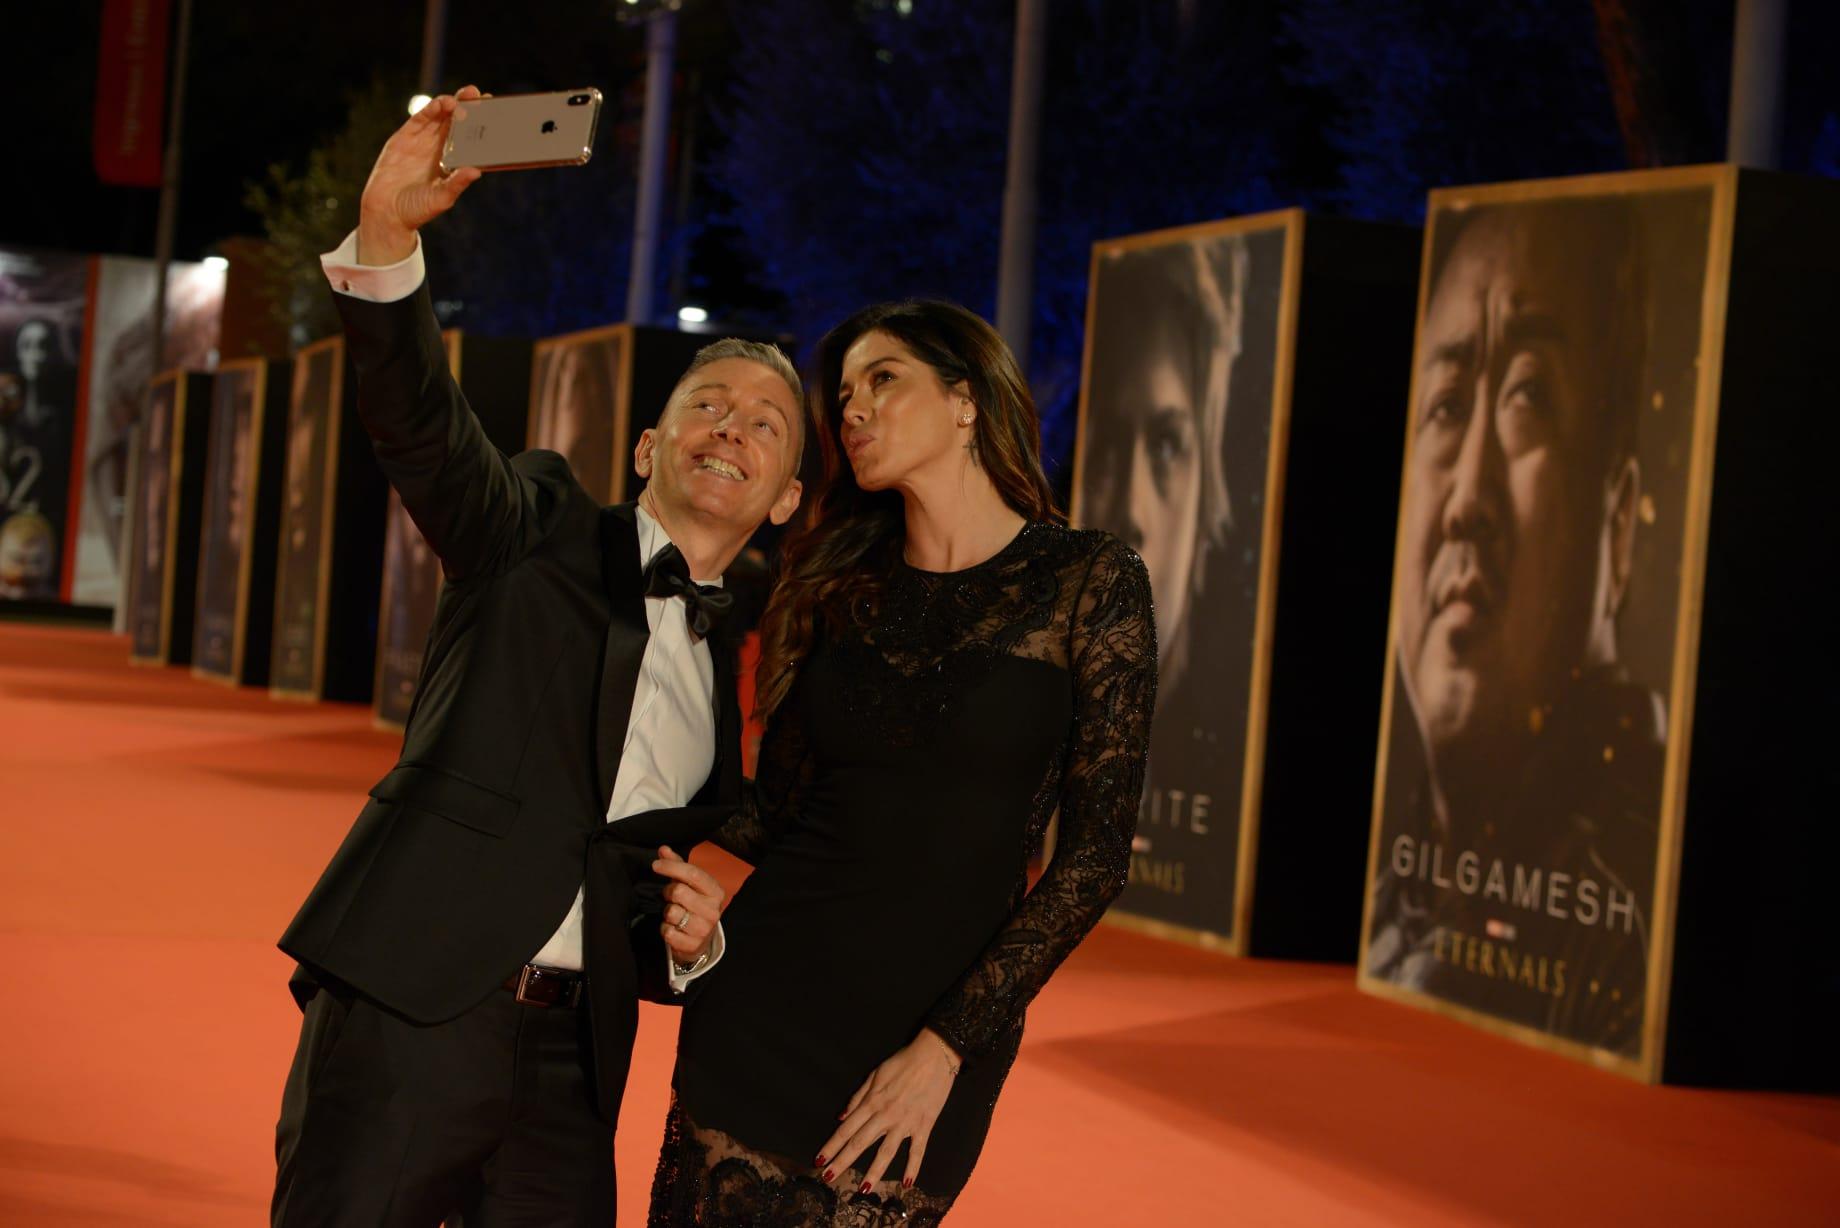 Aida Yespica e Gianluca Mech incantano il red carpet della Festa del cinema di Roma